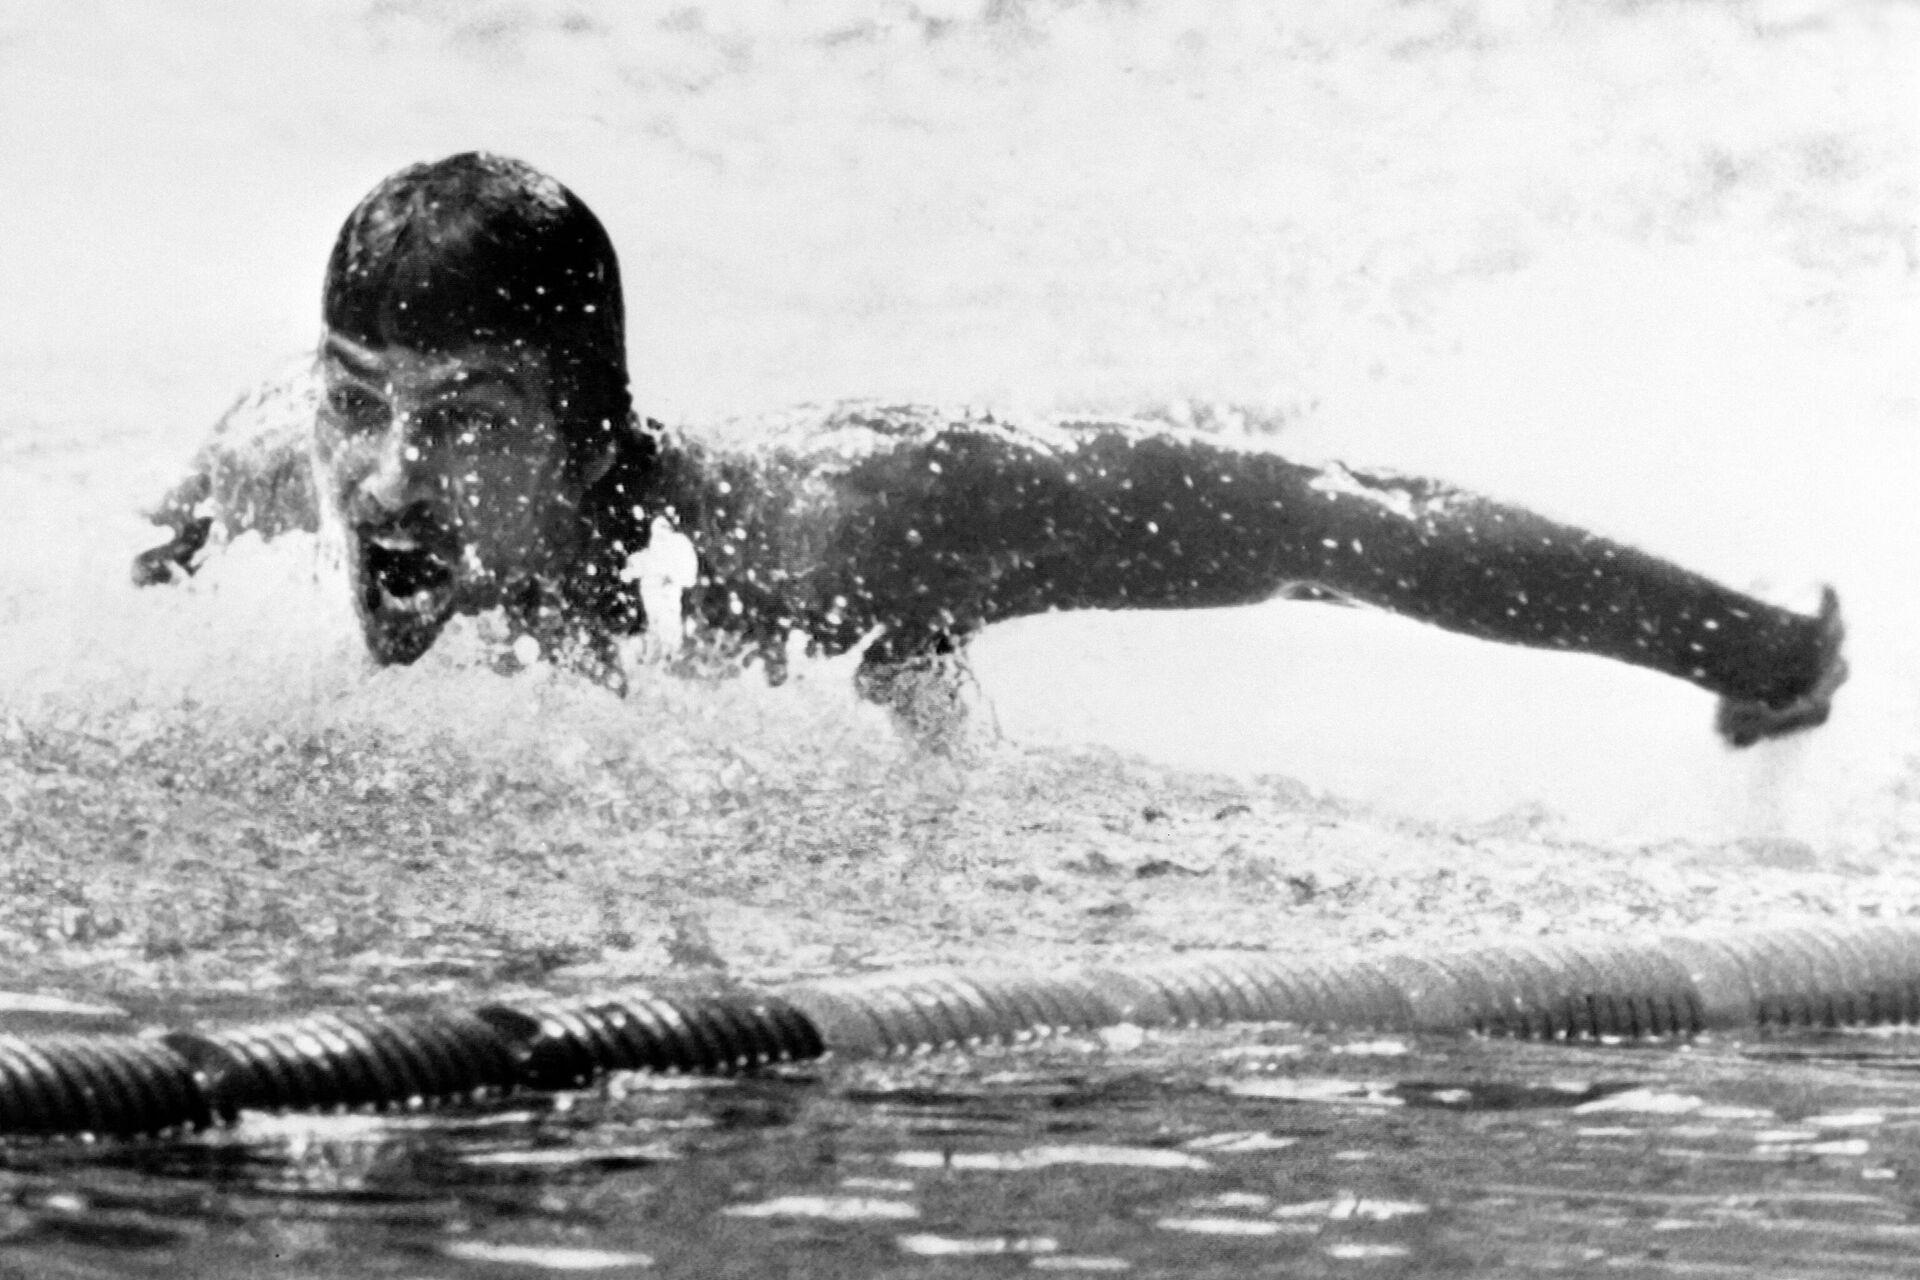 Семикратный чемпион Олимпийских игр, американский пловец Марк Спитц - РИА Новости, 1920, 13.07.2021